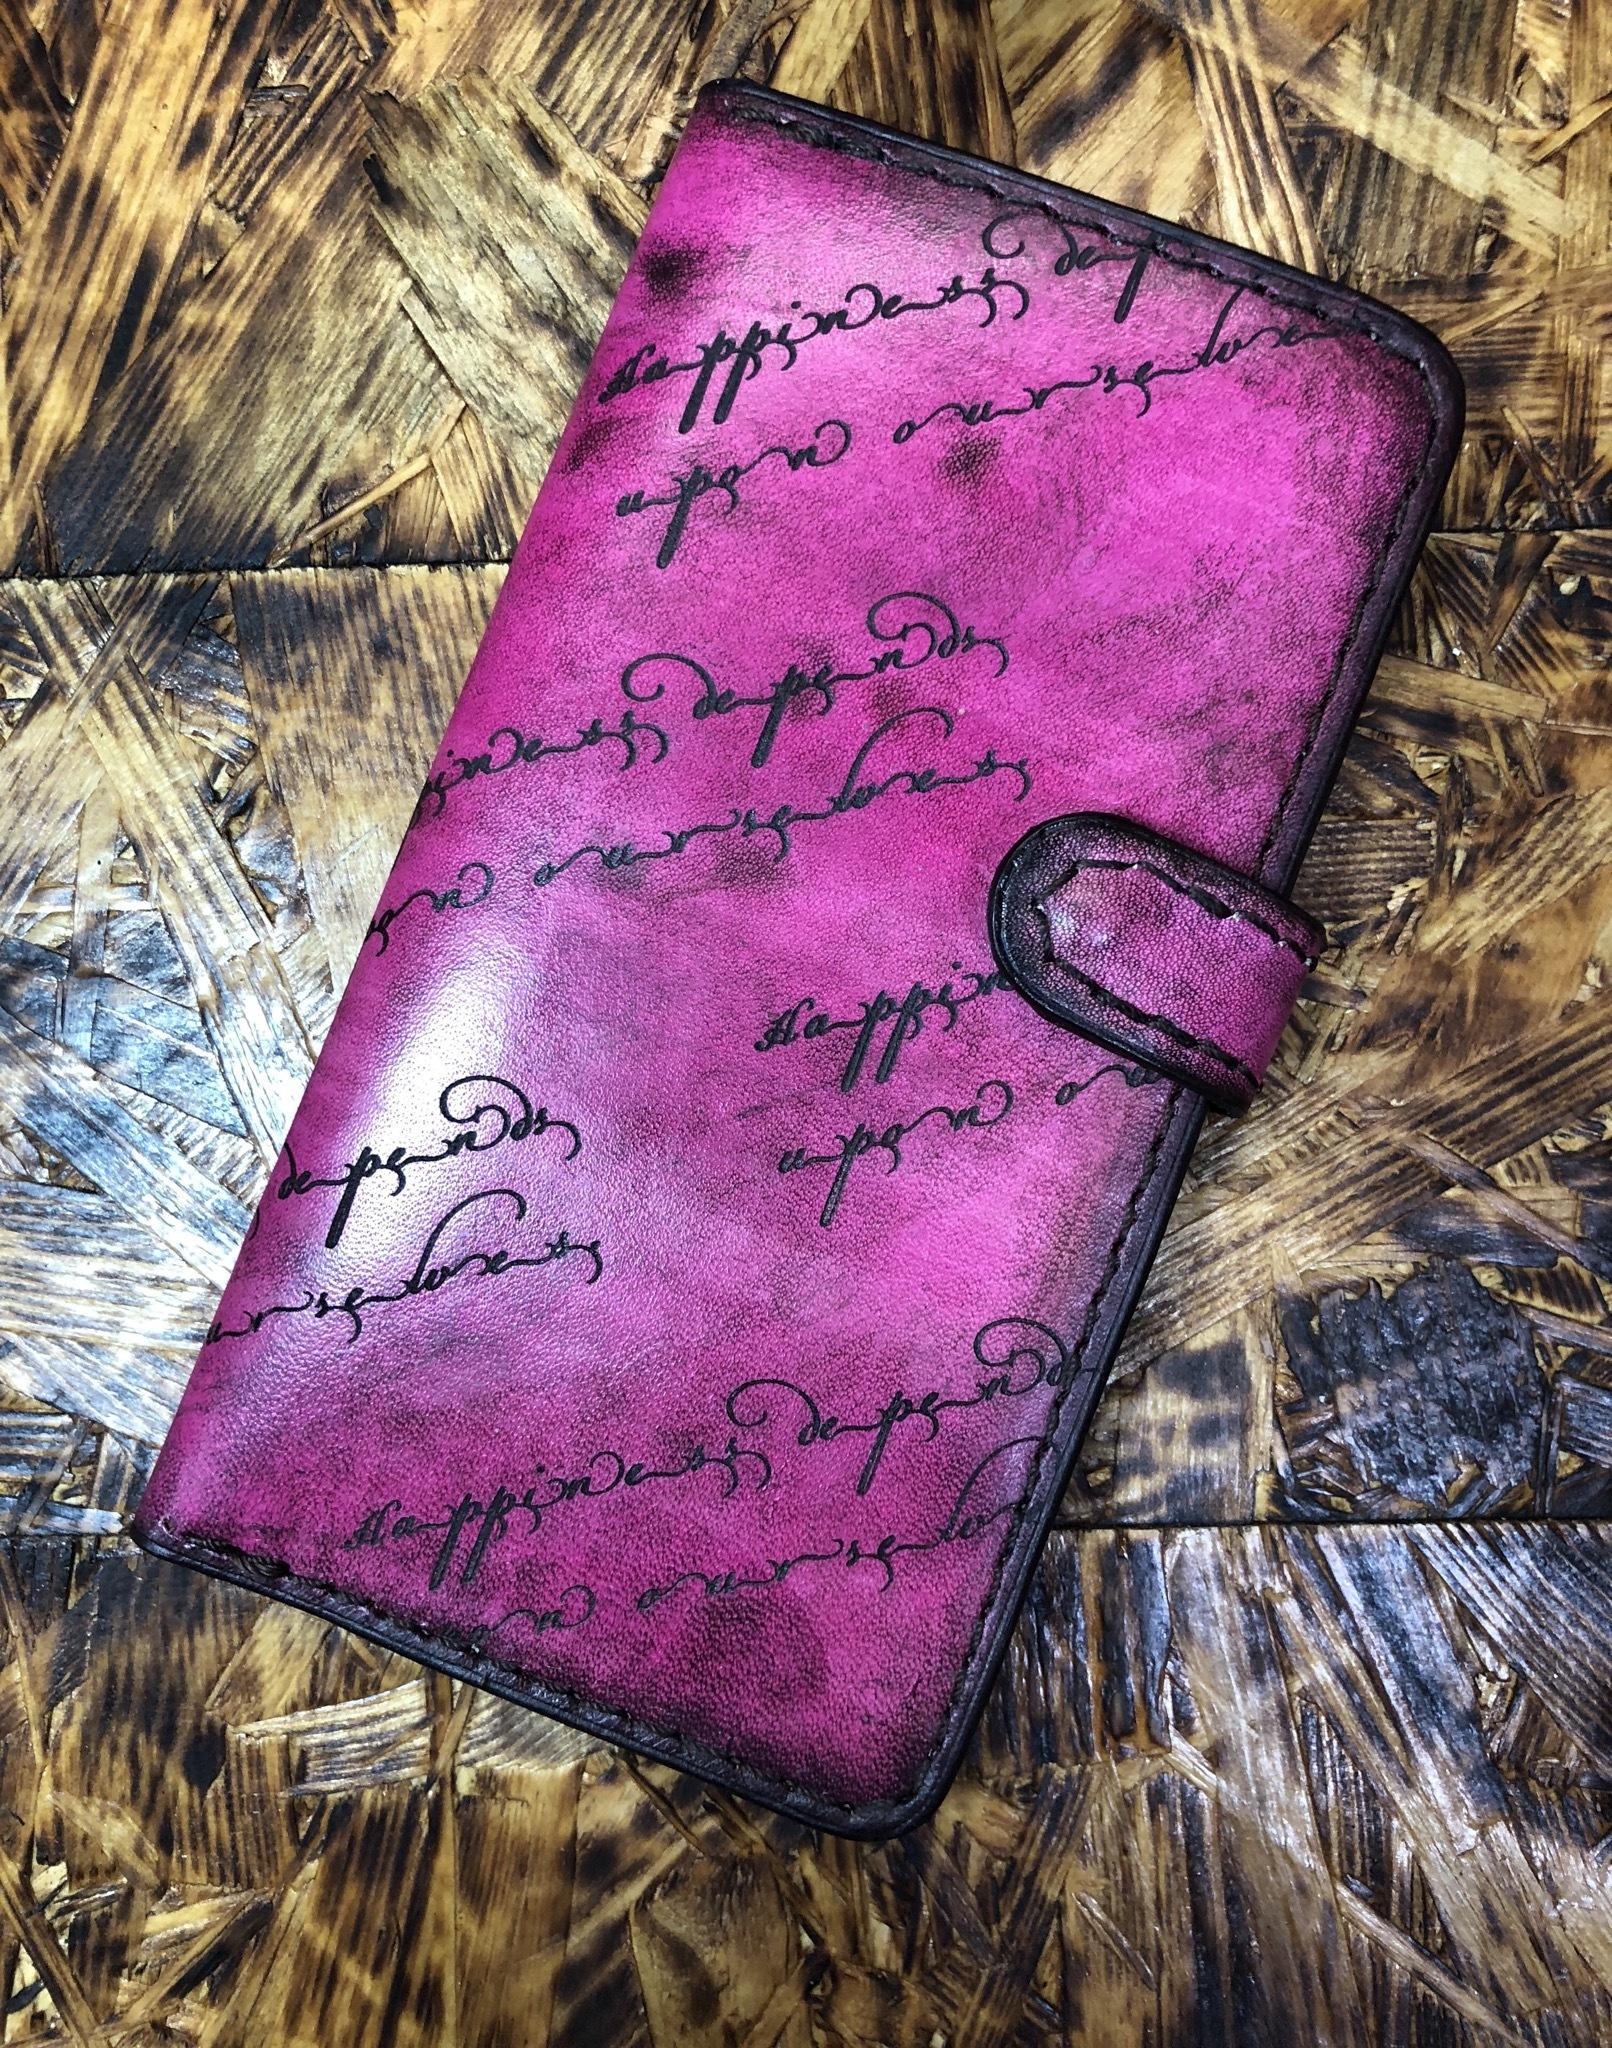 【現物販売】独特な色合いに手染めした手帳型iPhone 6sプラスケース(アンティークピンク)